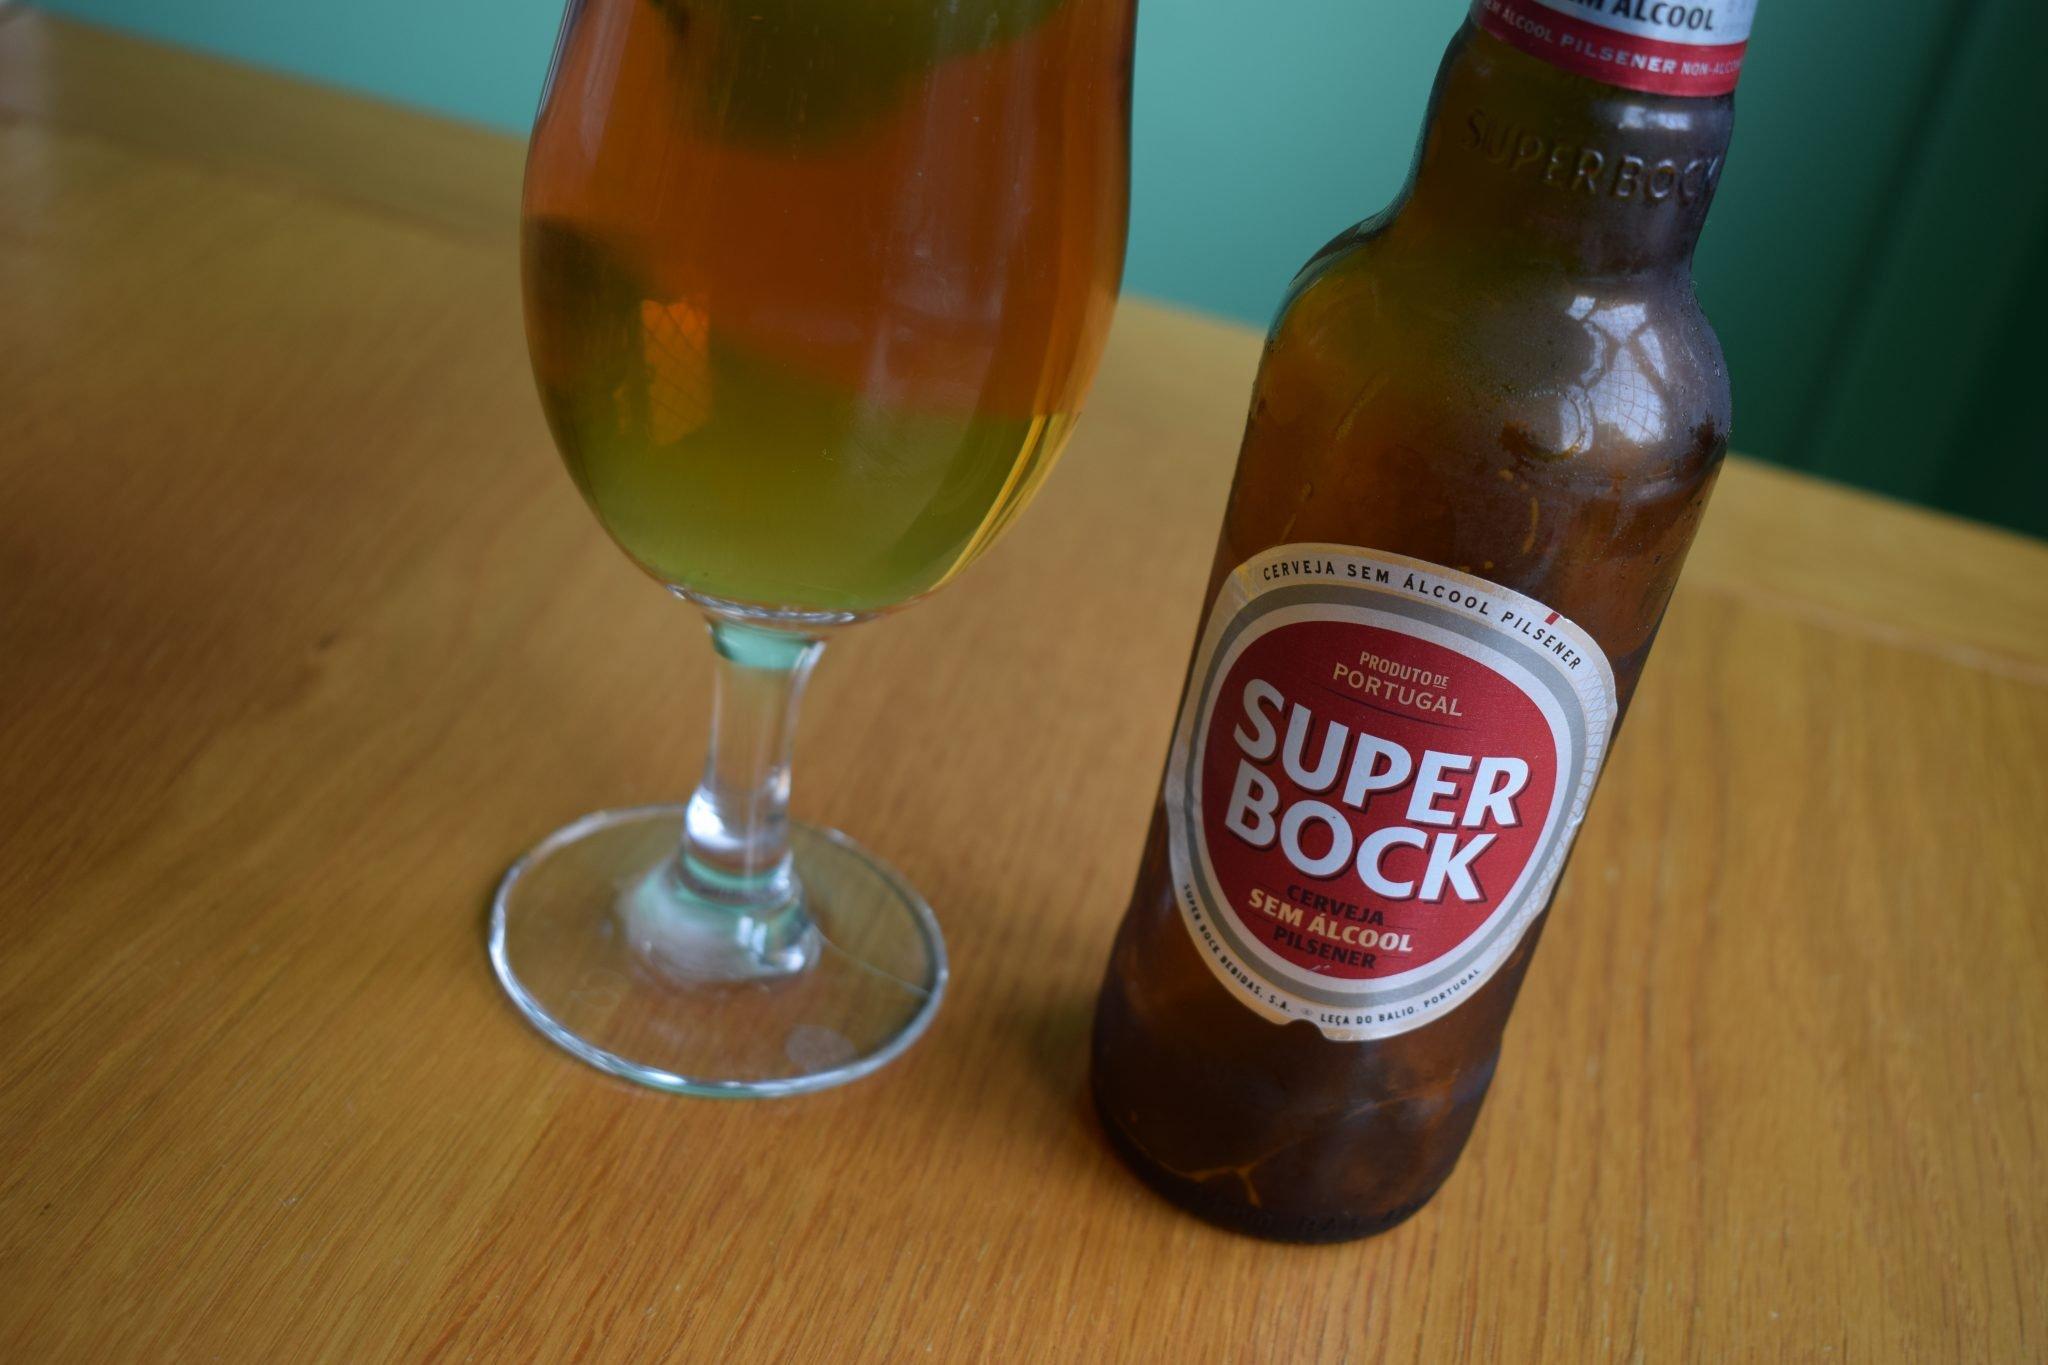 Super Bock Non-Alcoholic (0.5%)